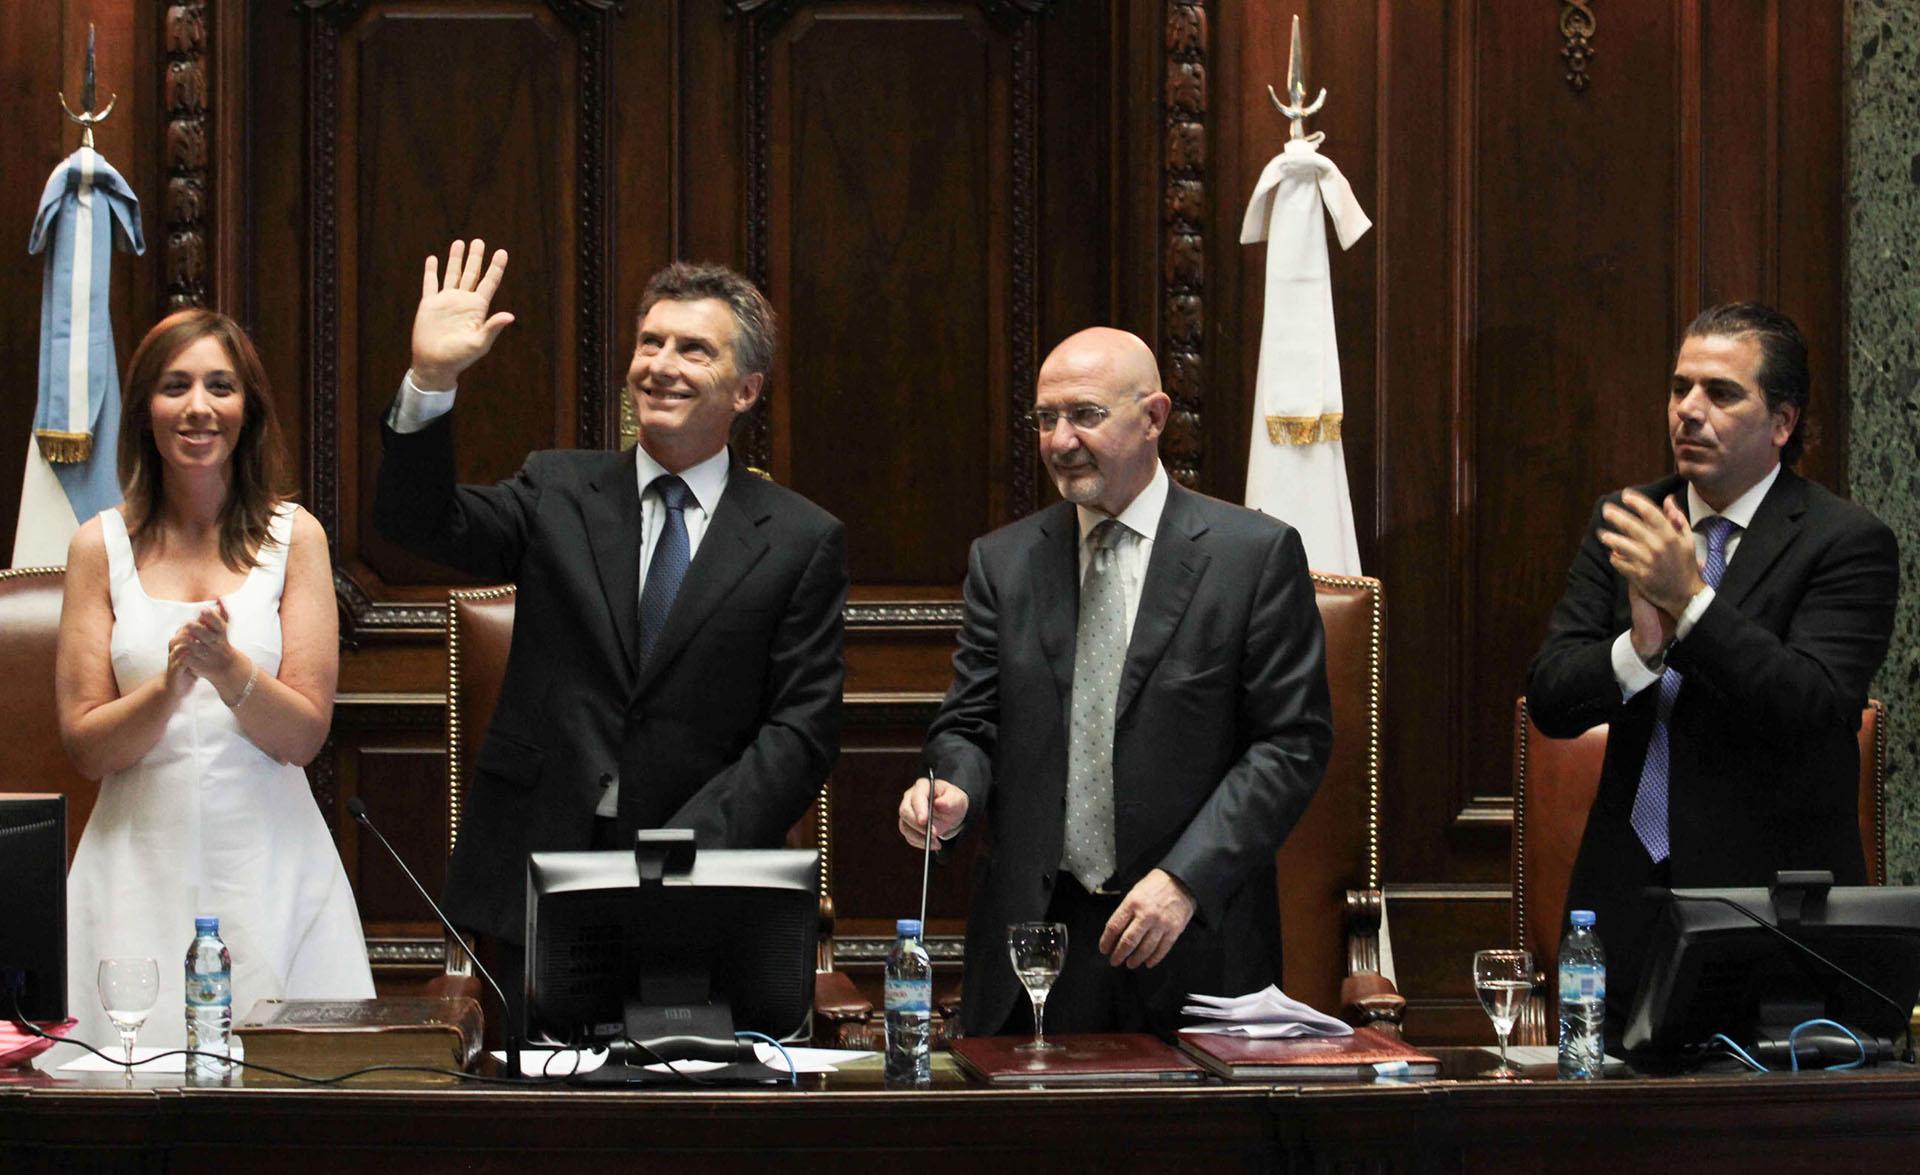 2011. Durante el acto de reasunción como jefe de gobierno en la legislatura porteña.